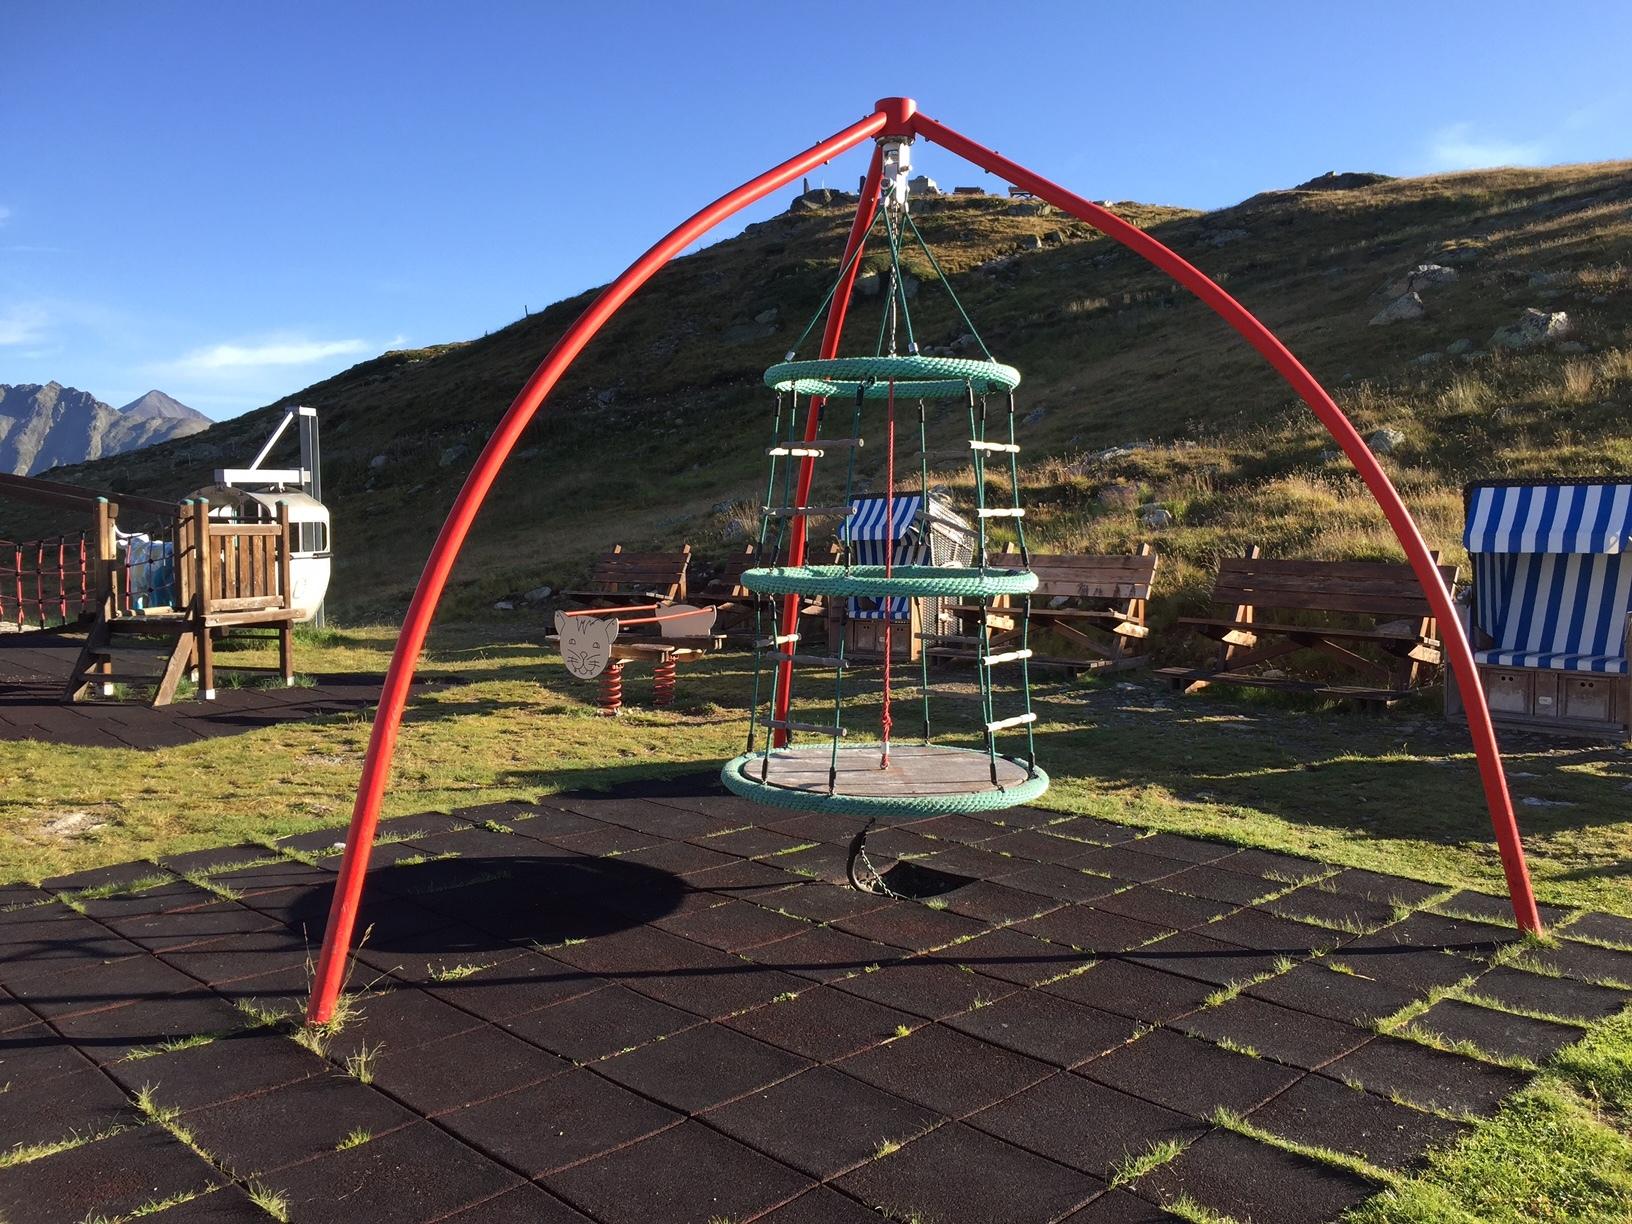 Kinderspielplatz Muottas Muragl Slide 4